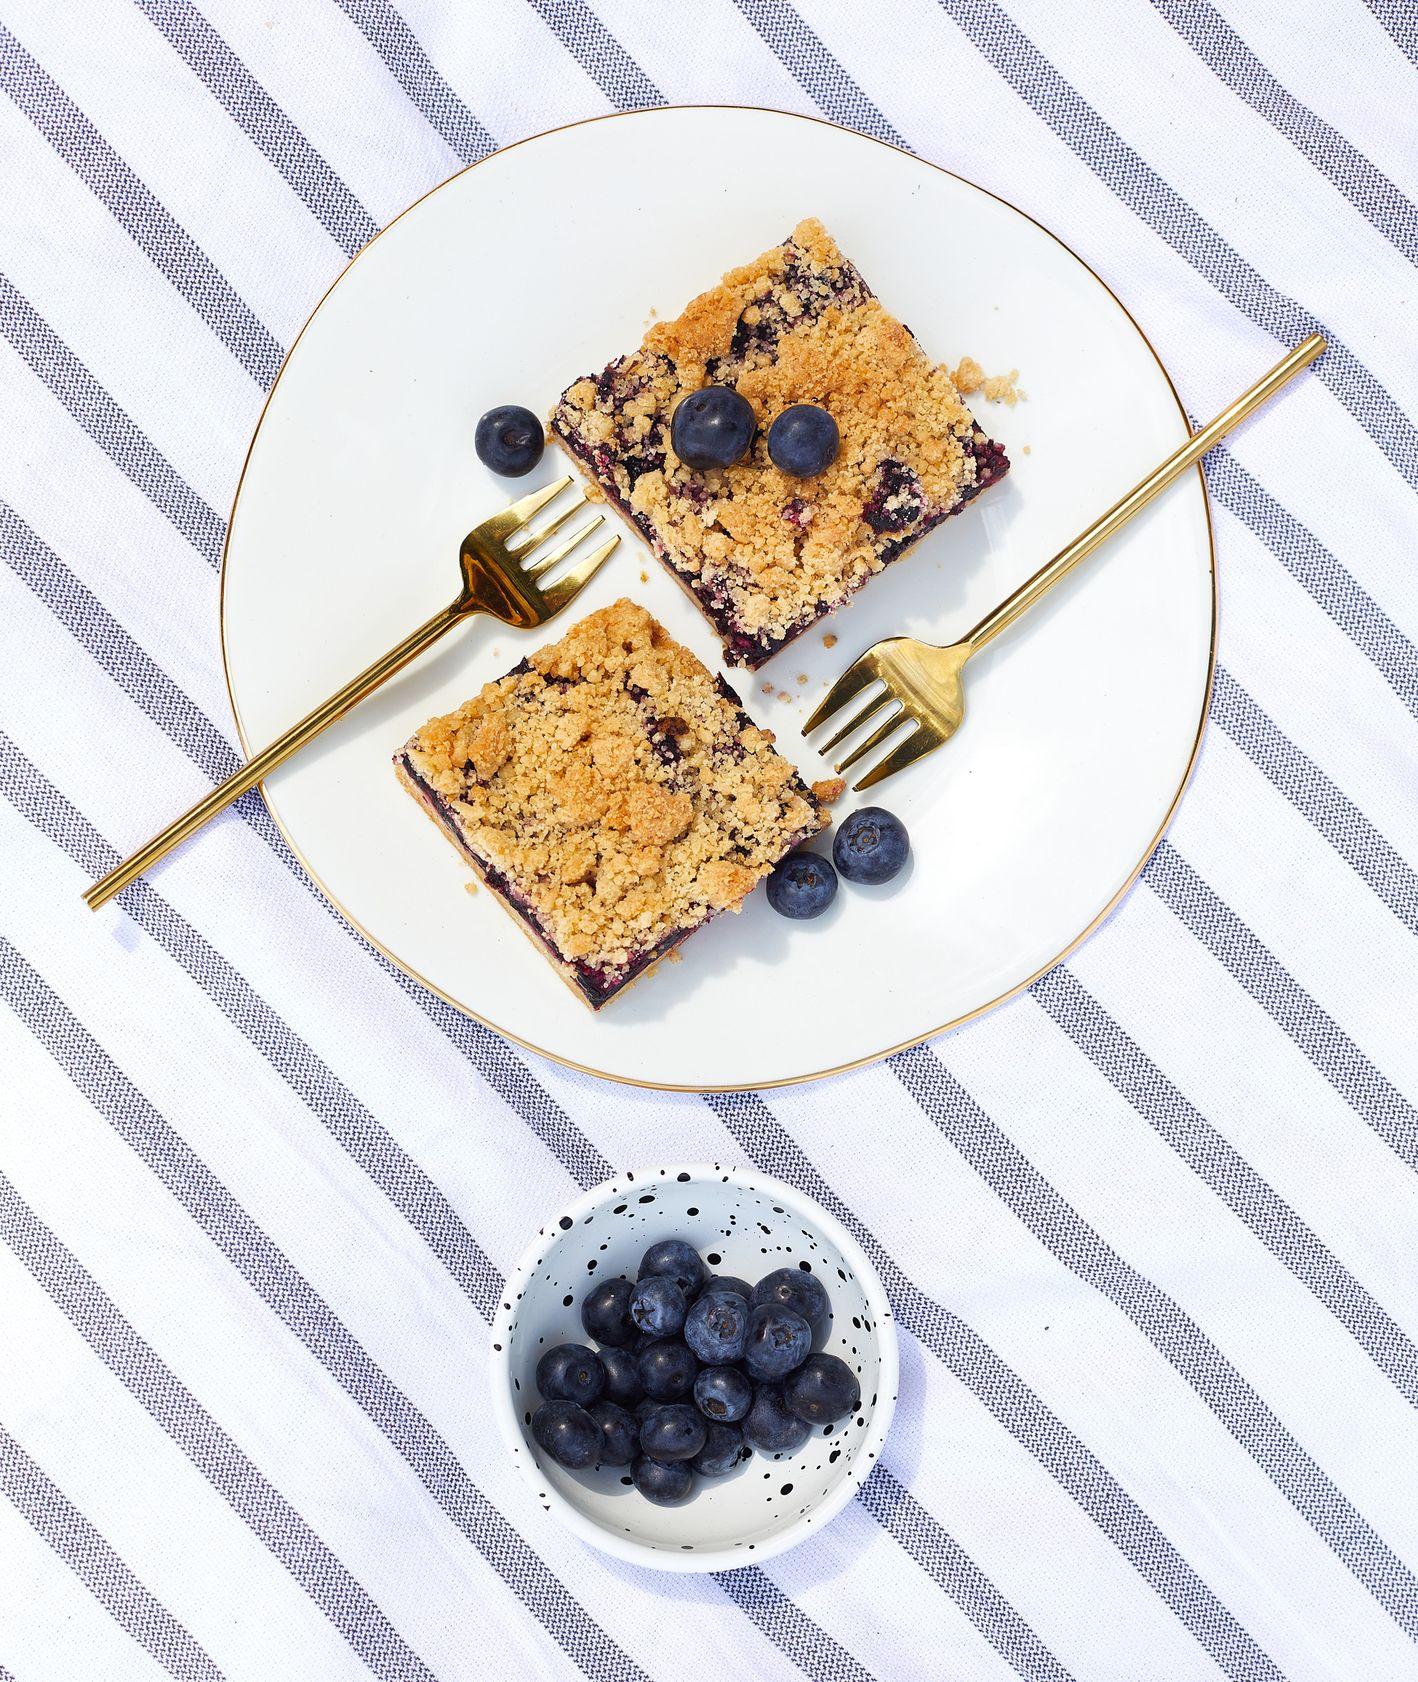 Blueberry bars z orzechową kruszonką – prosty przepis (fot. Maciej Niemojewski)